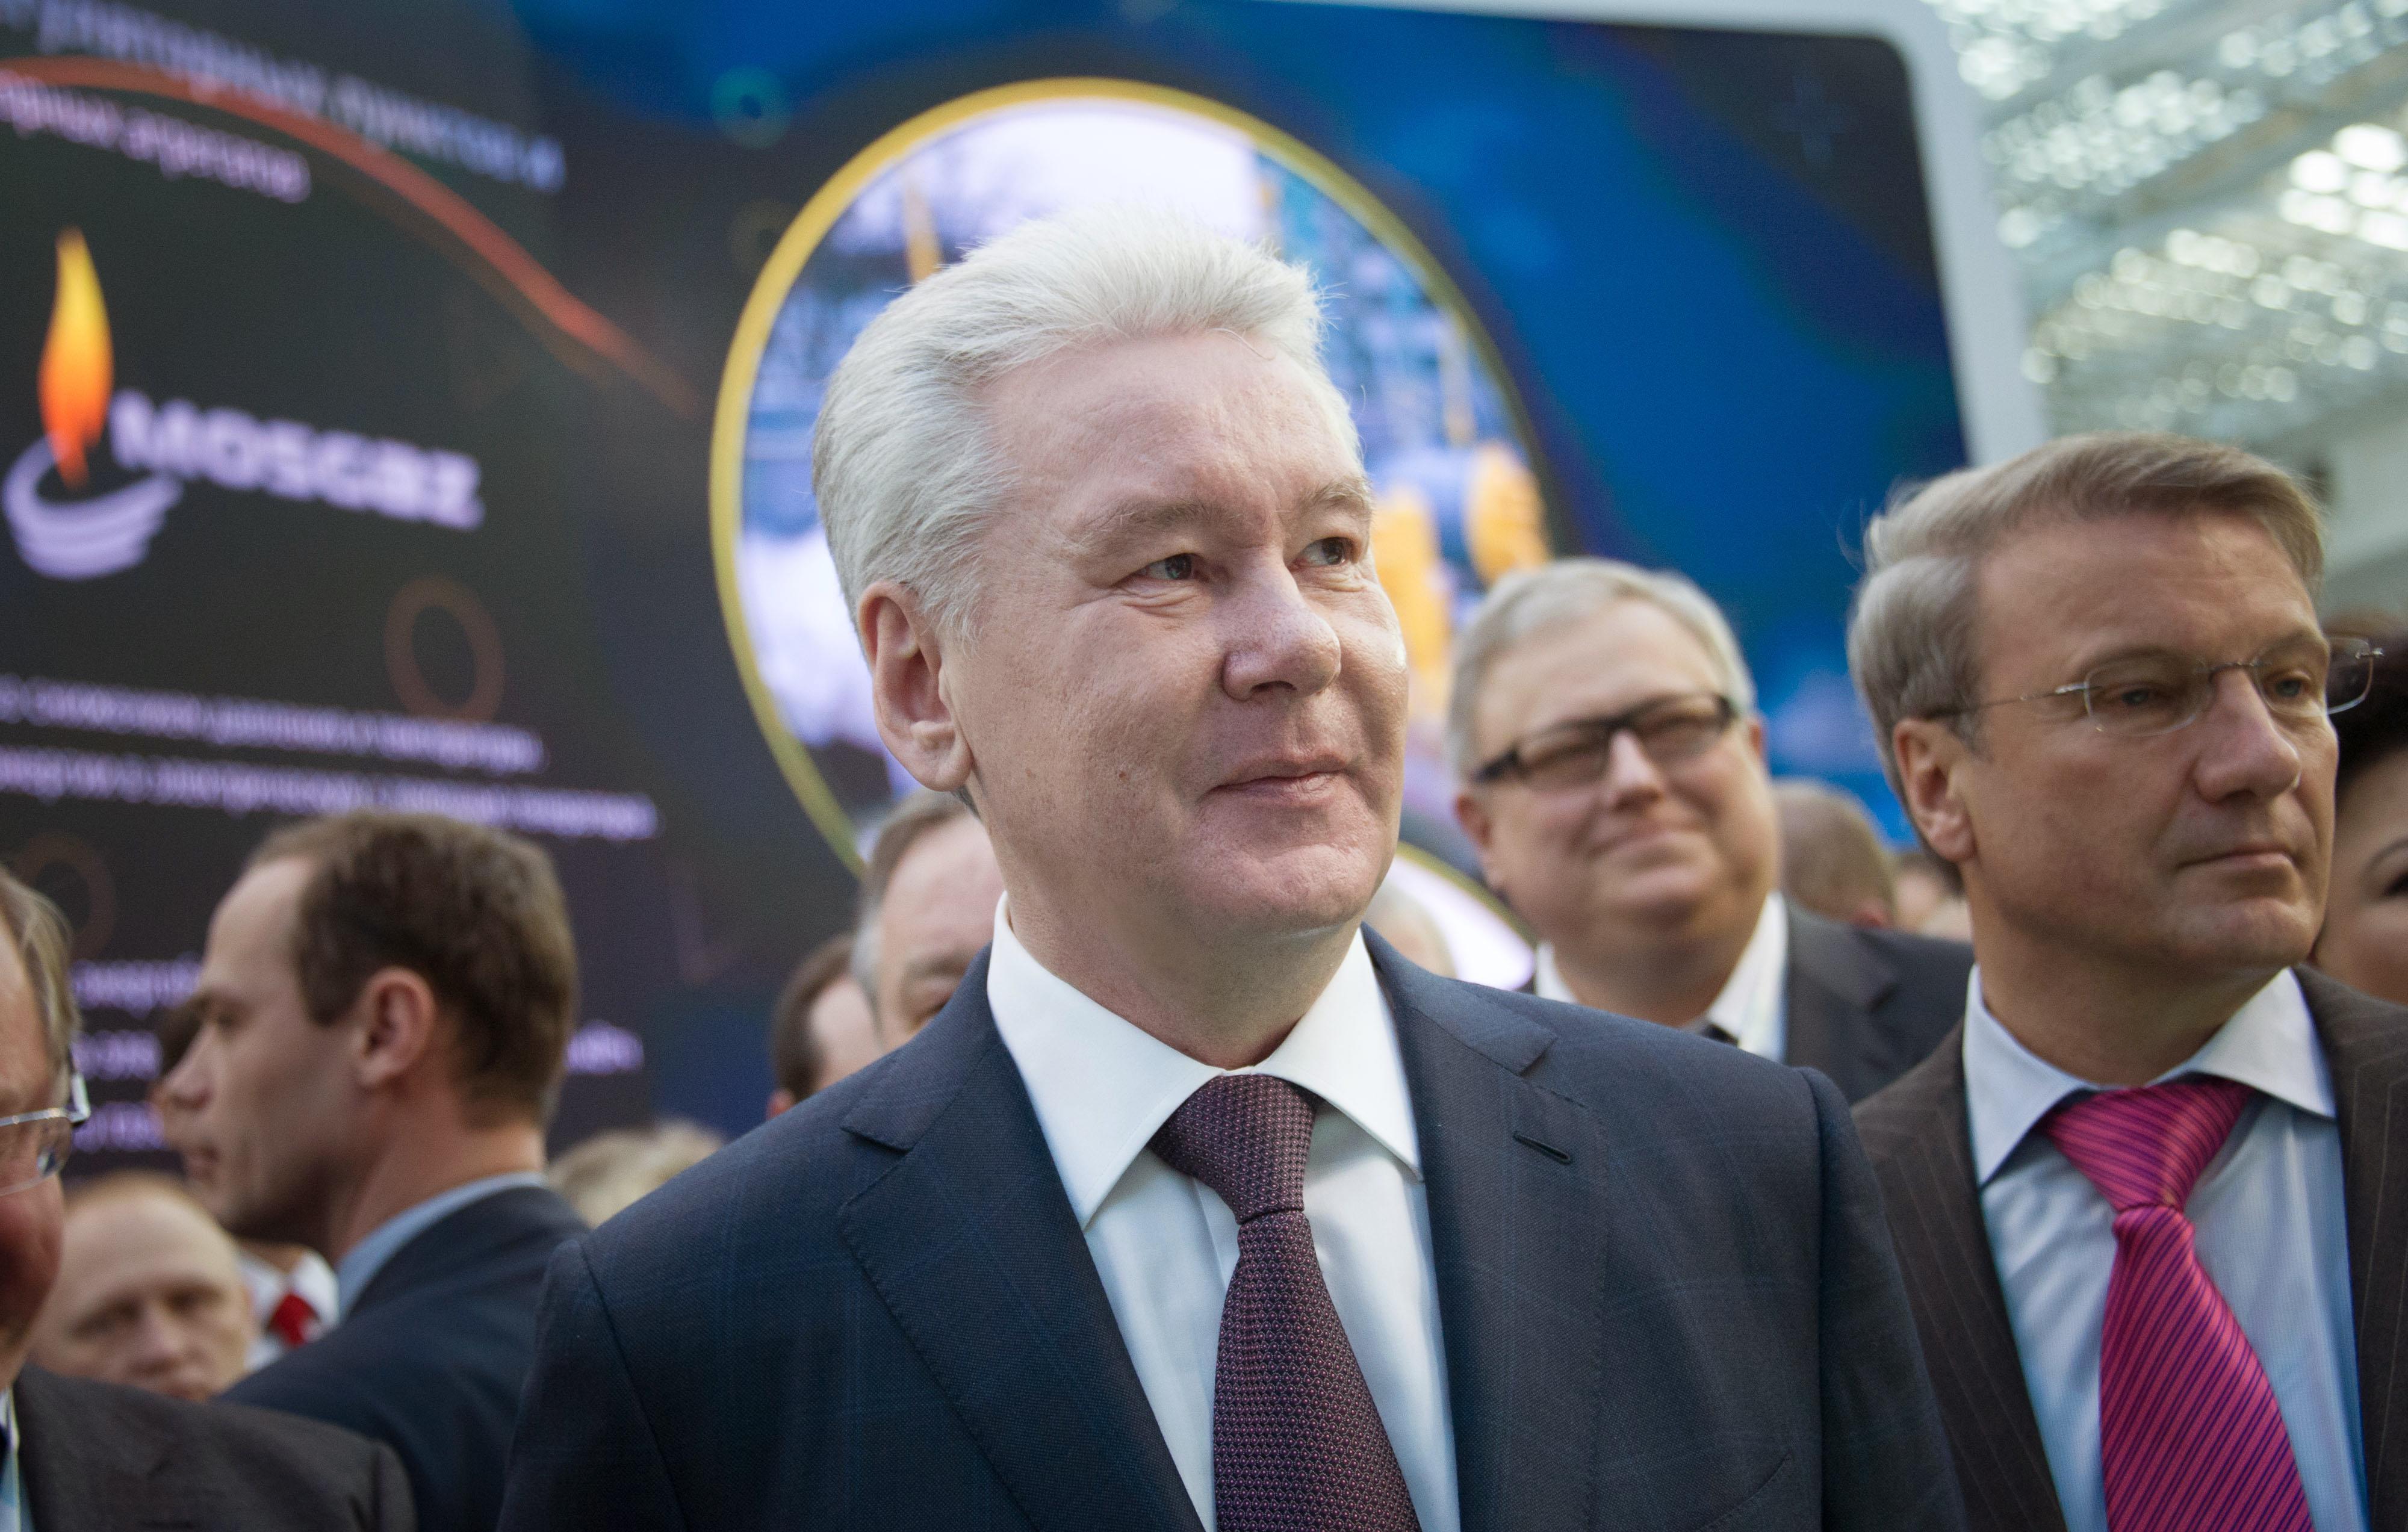 Сергей Собянин на III Международном форуме по энергоэффективности и энергосбережению ENES 2014